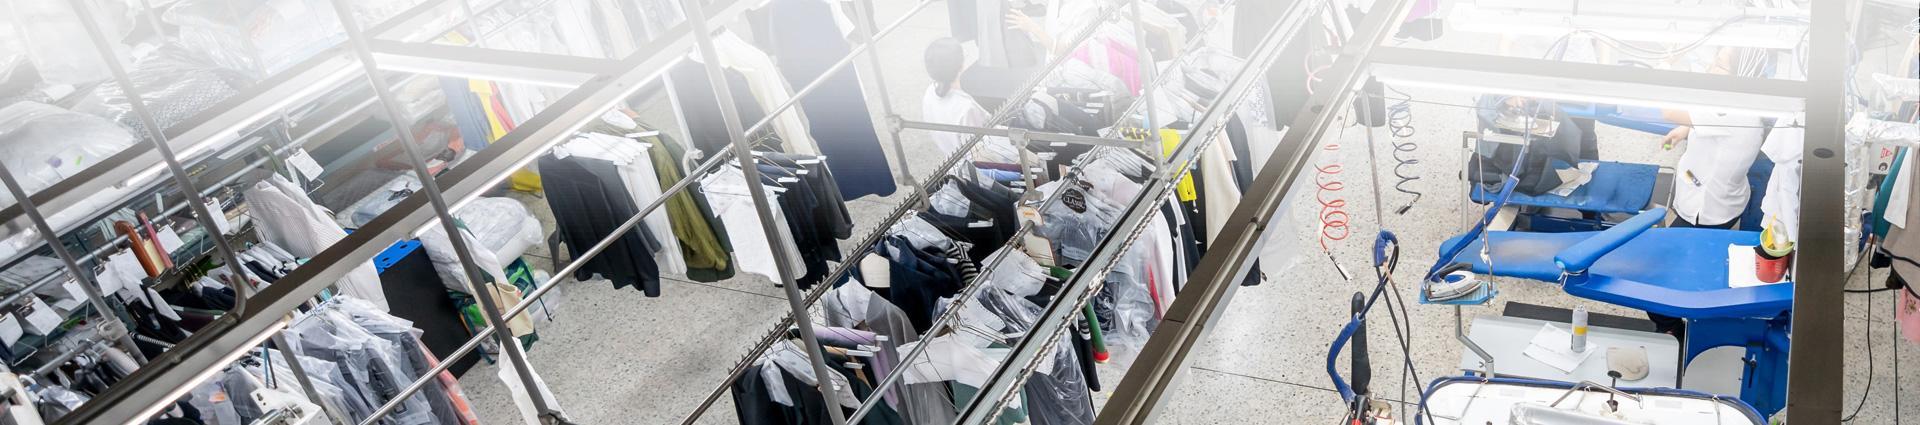 Ubrania na wieszakach w pralni